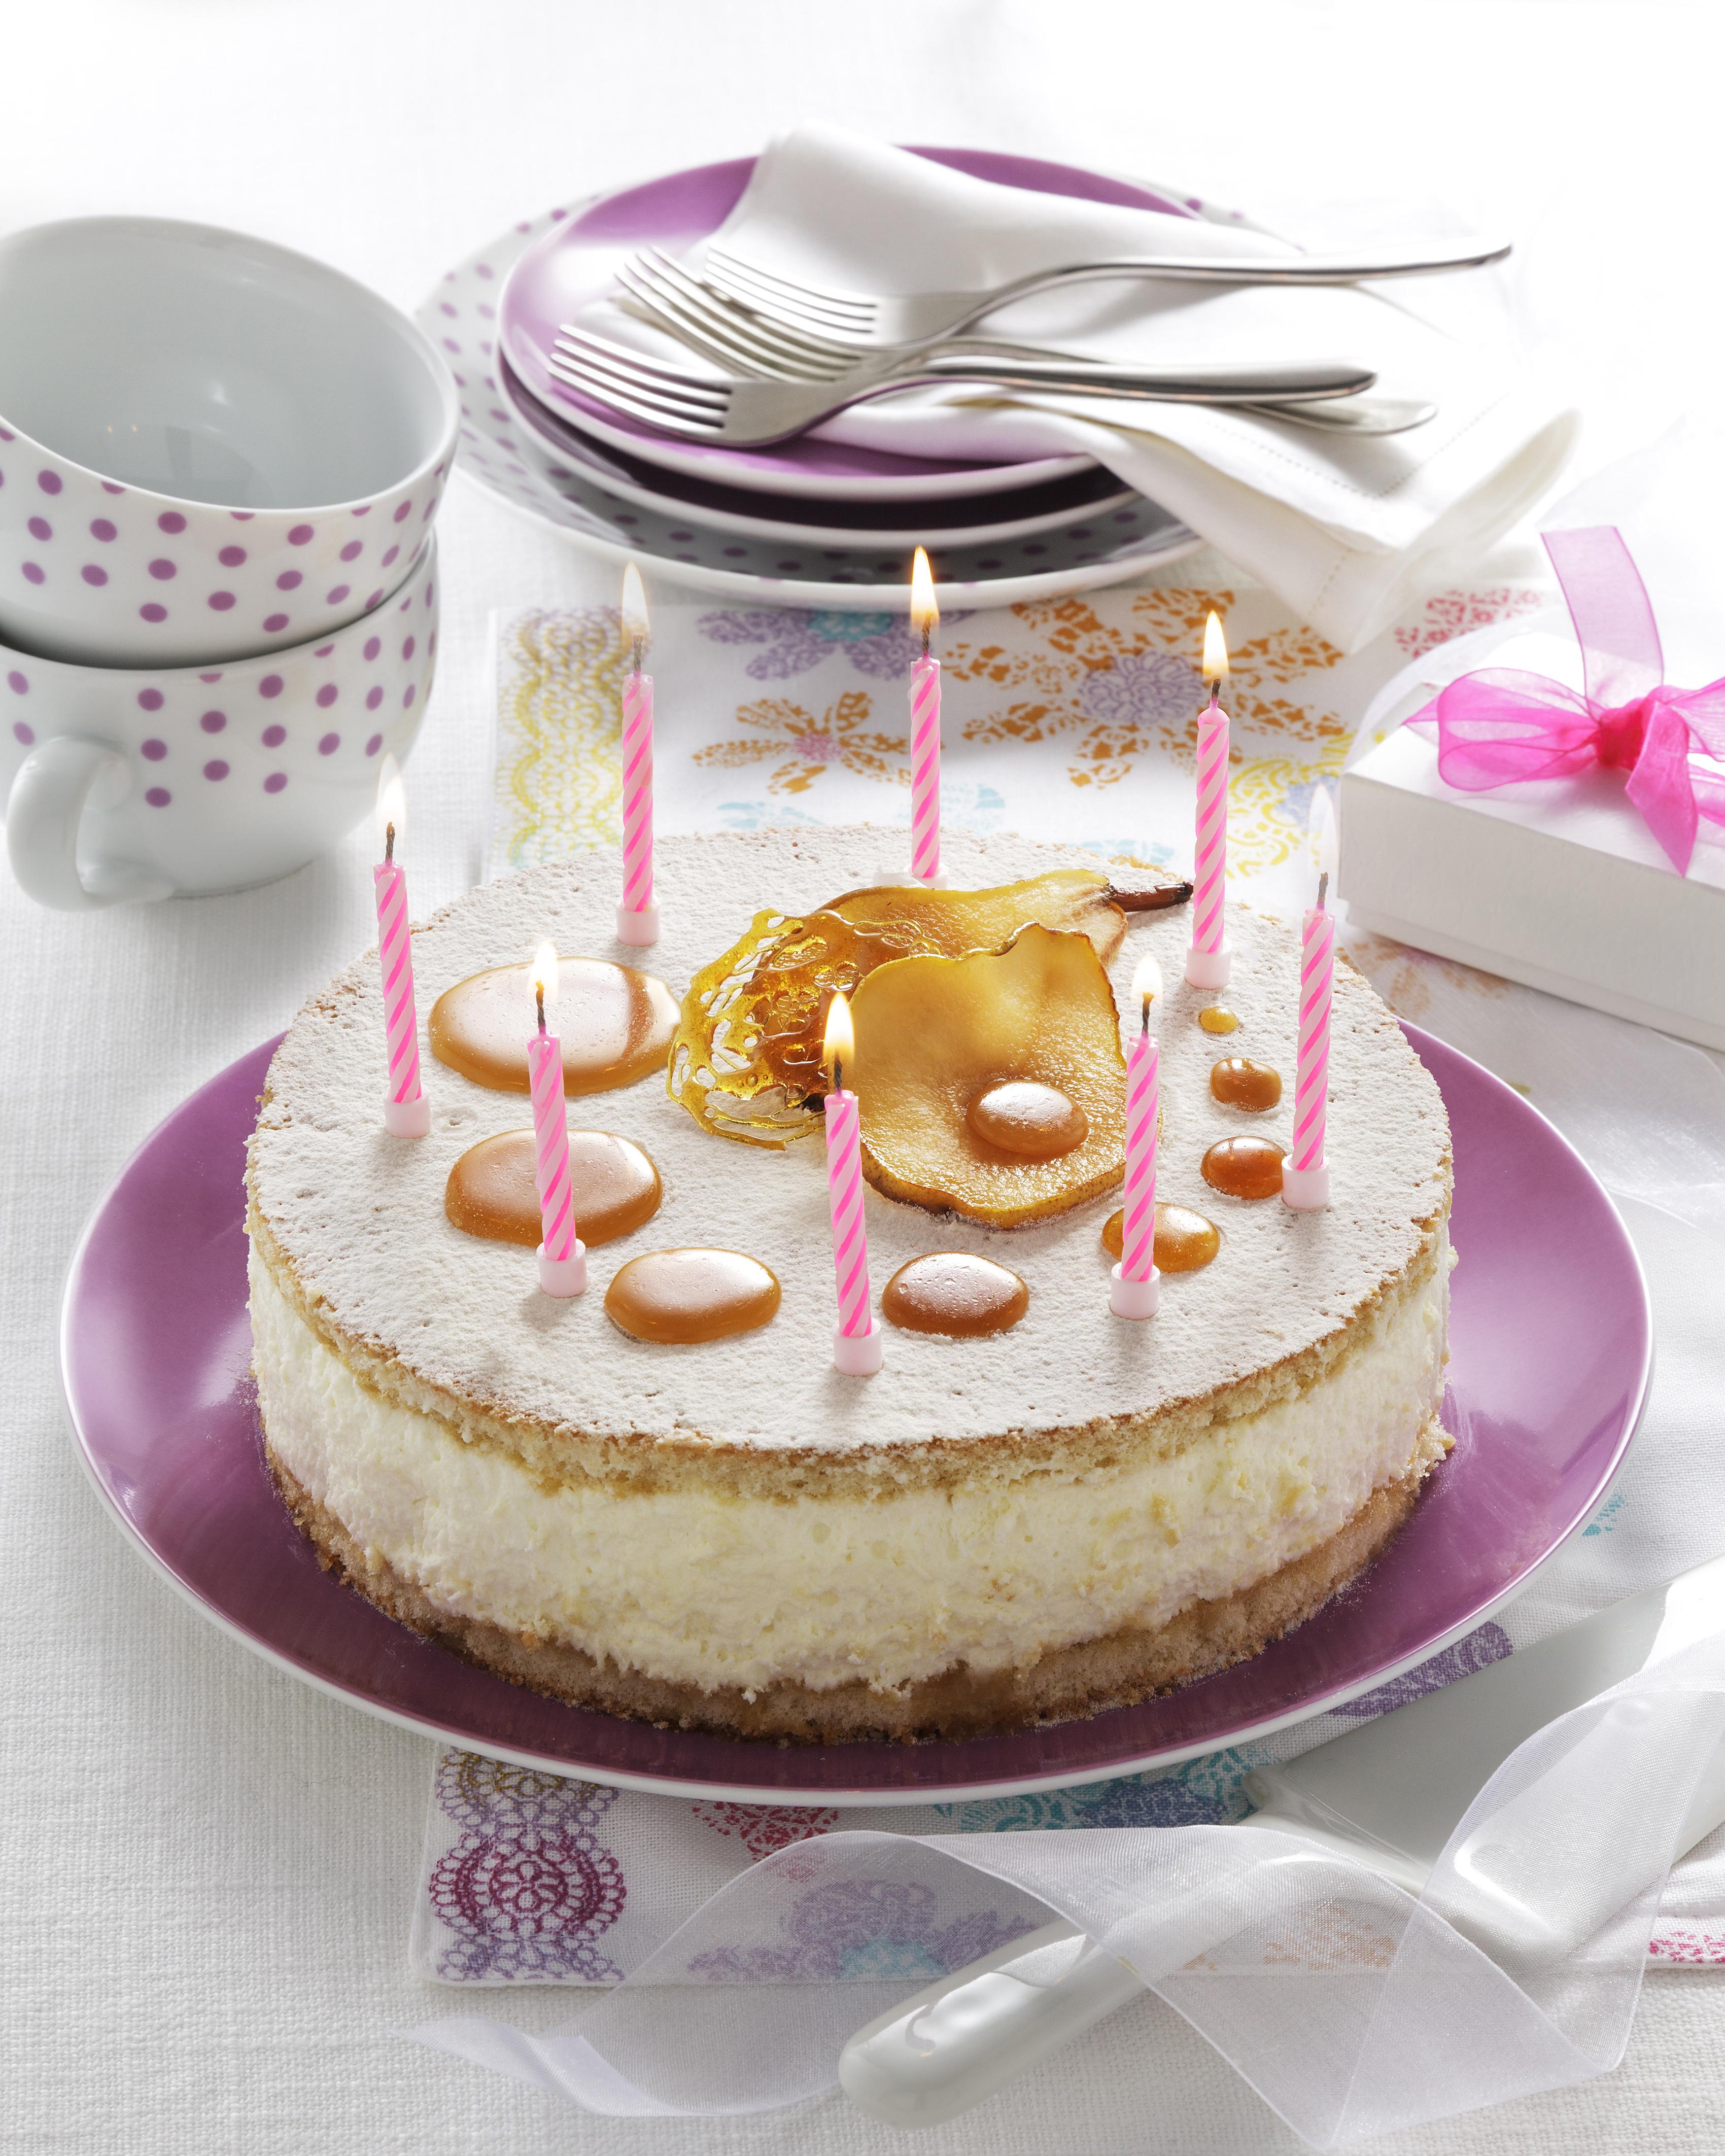 Torte di compleanno 10 ricette facili sale pepe for Ricette torte facili